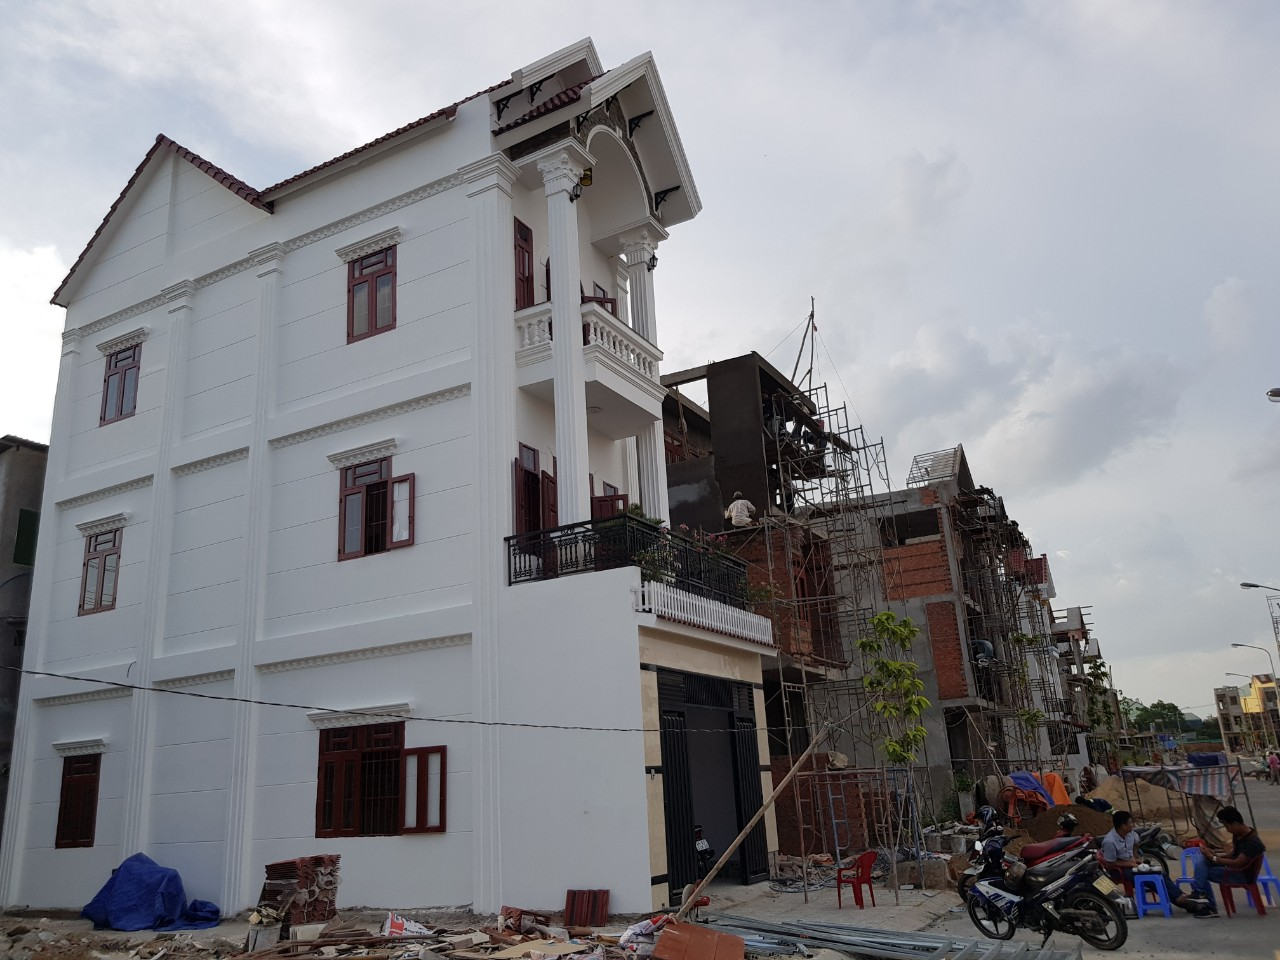 Bán nhà 2 lầu 1 trệt,đường Lê Hồng Phong,ngã tư chiêu liêu,tân đông hiệp,dĩ an,bình dương,2,55 ty